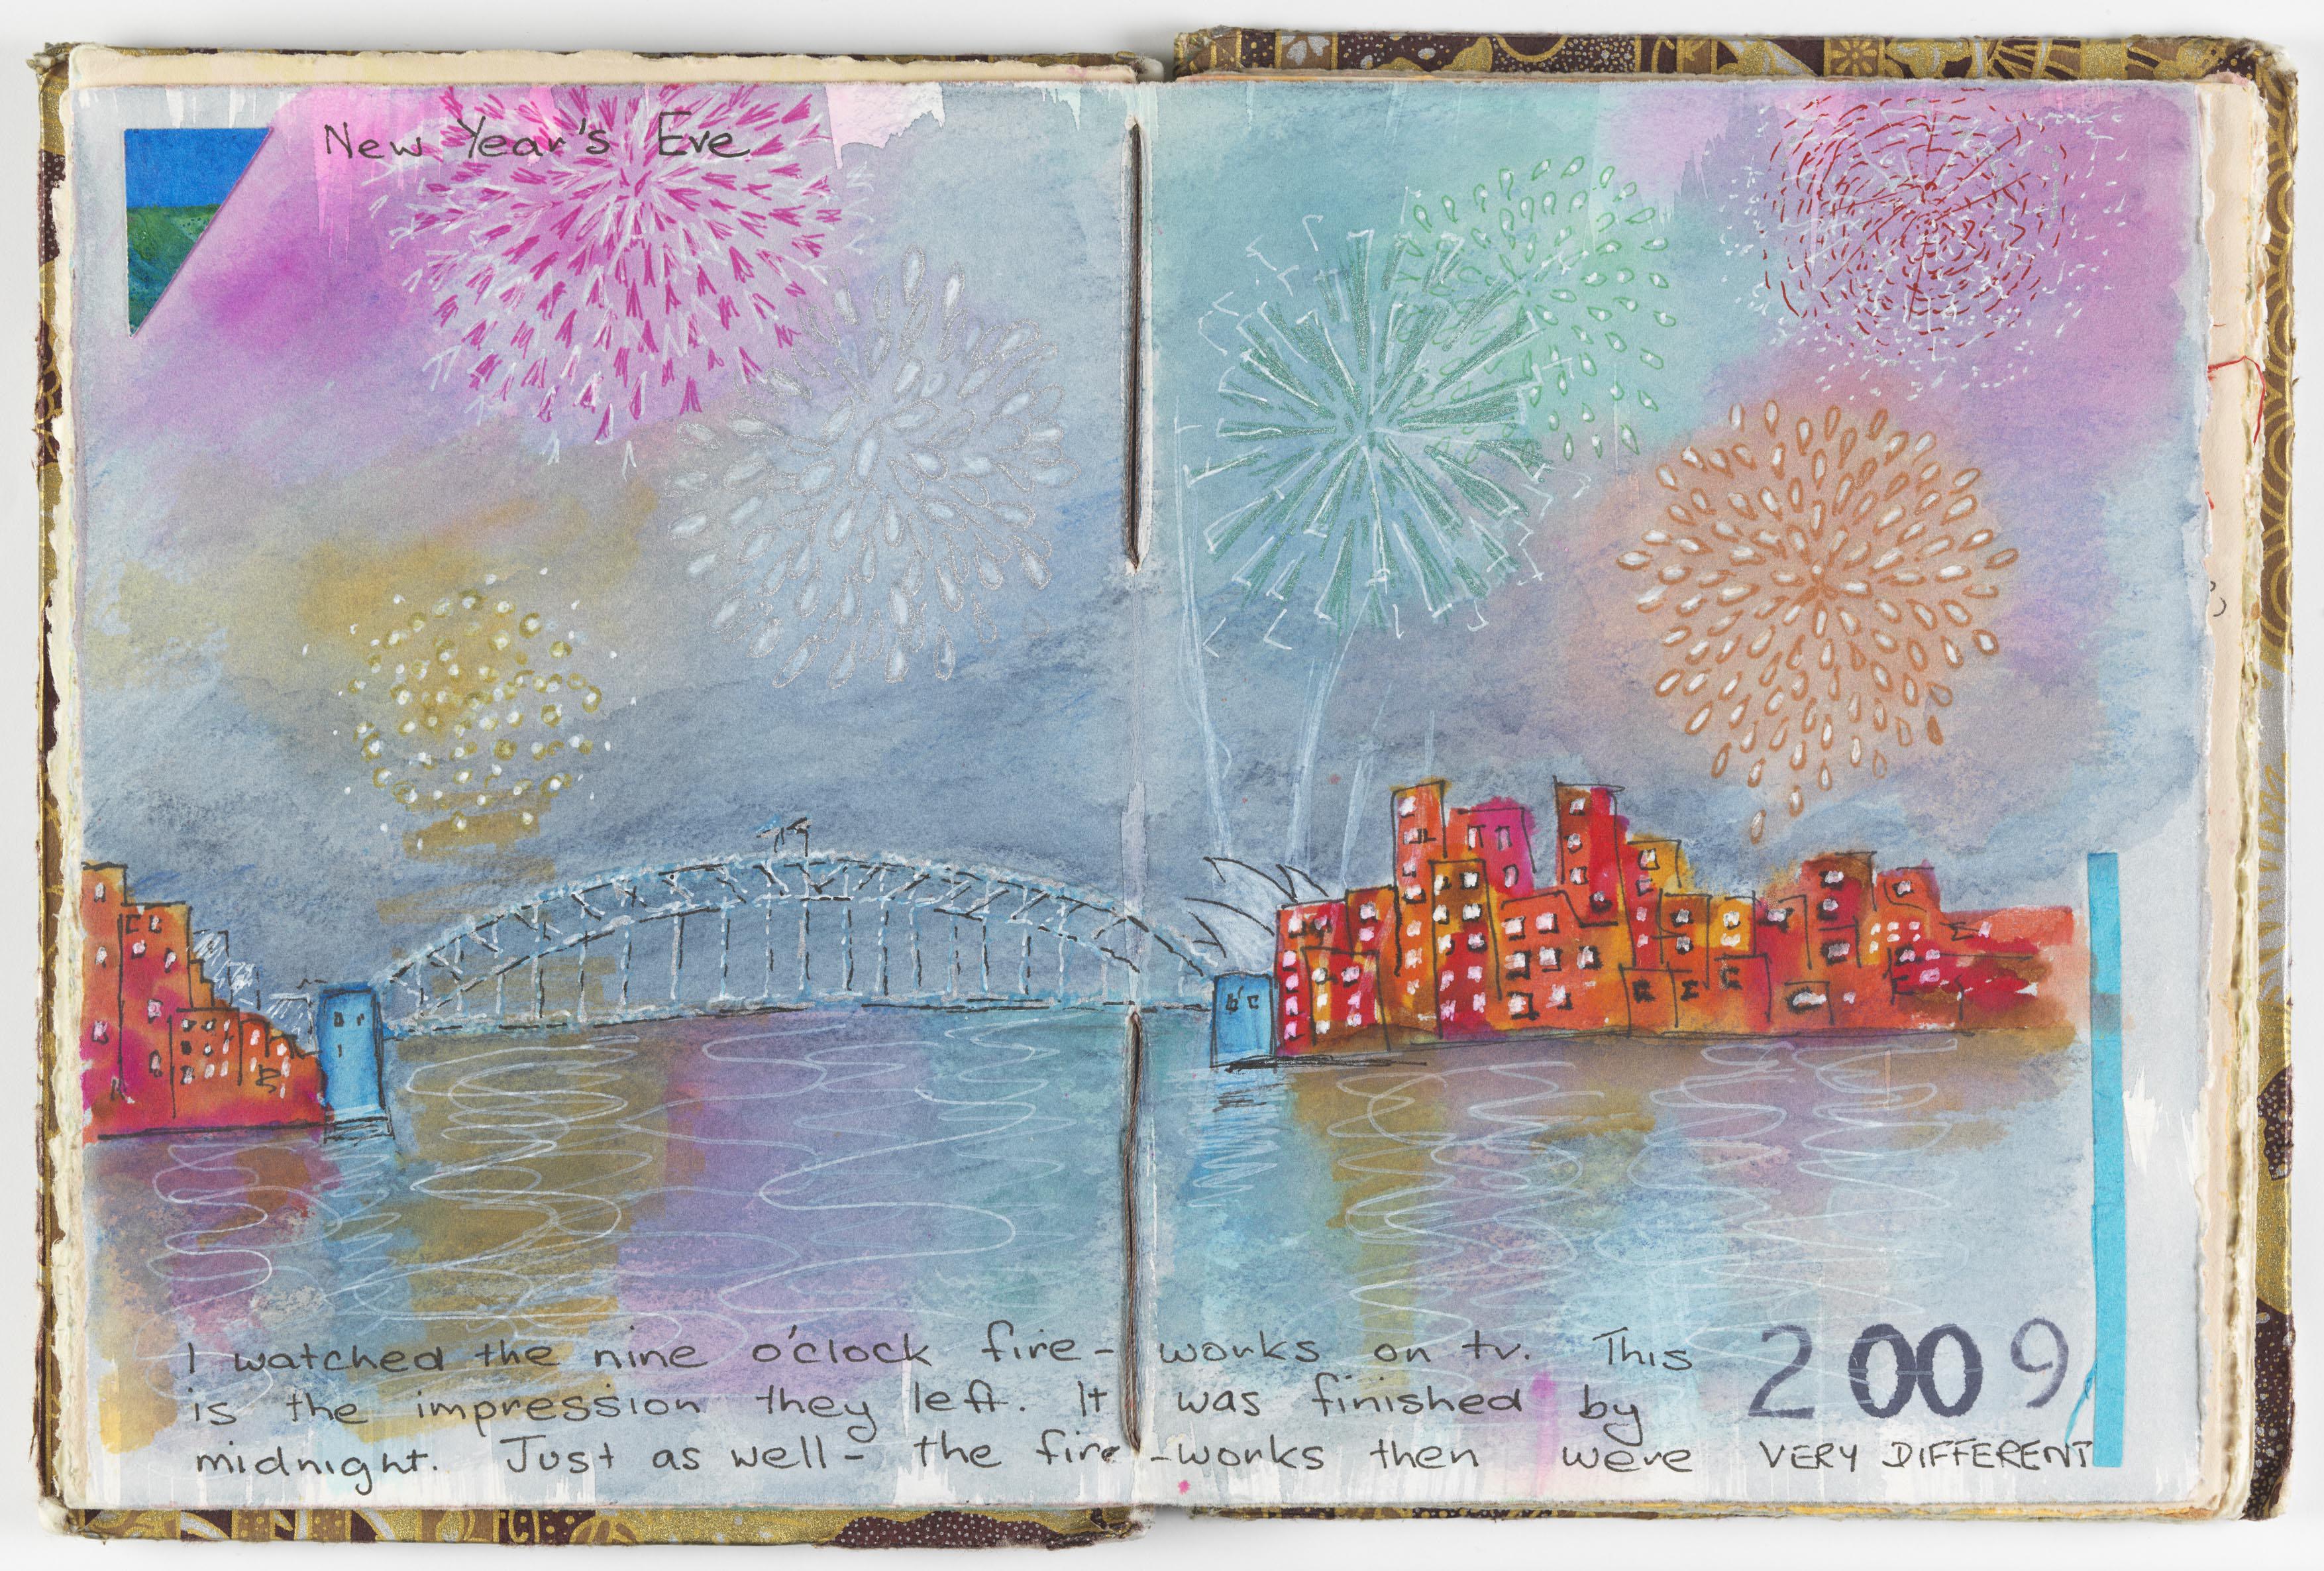 Artists' sketchbook, Volume 2, 2009–10, by Wendy Shortland